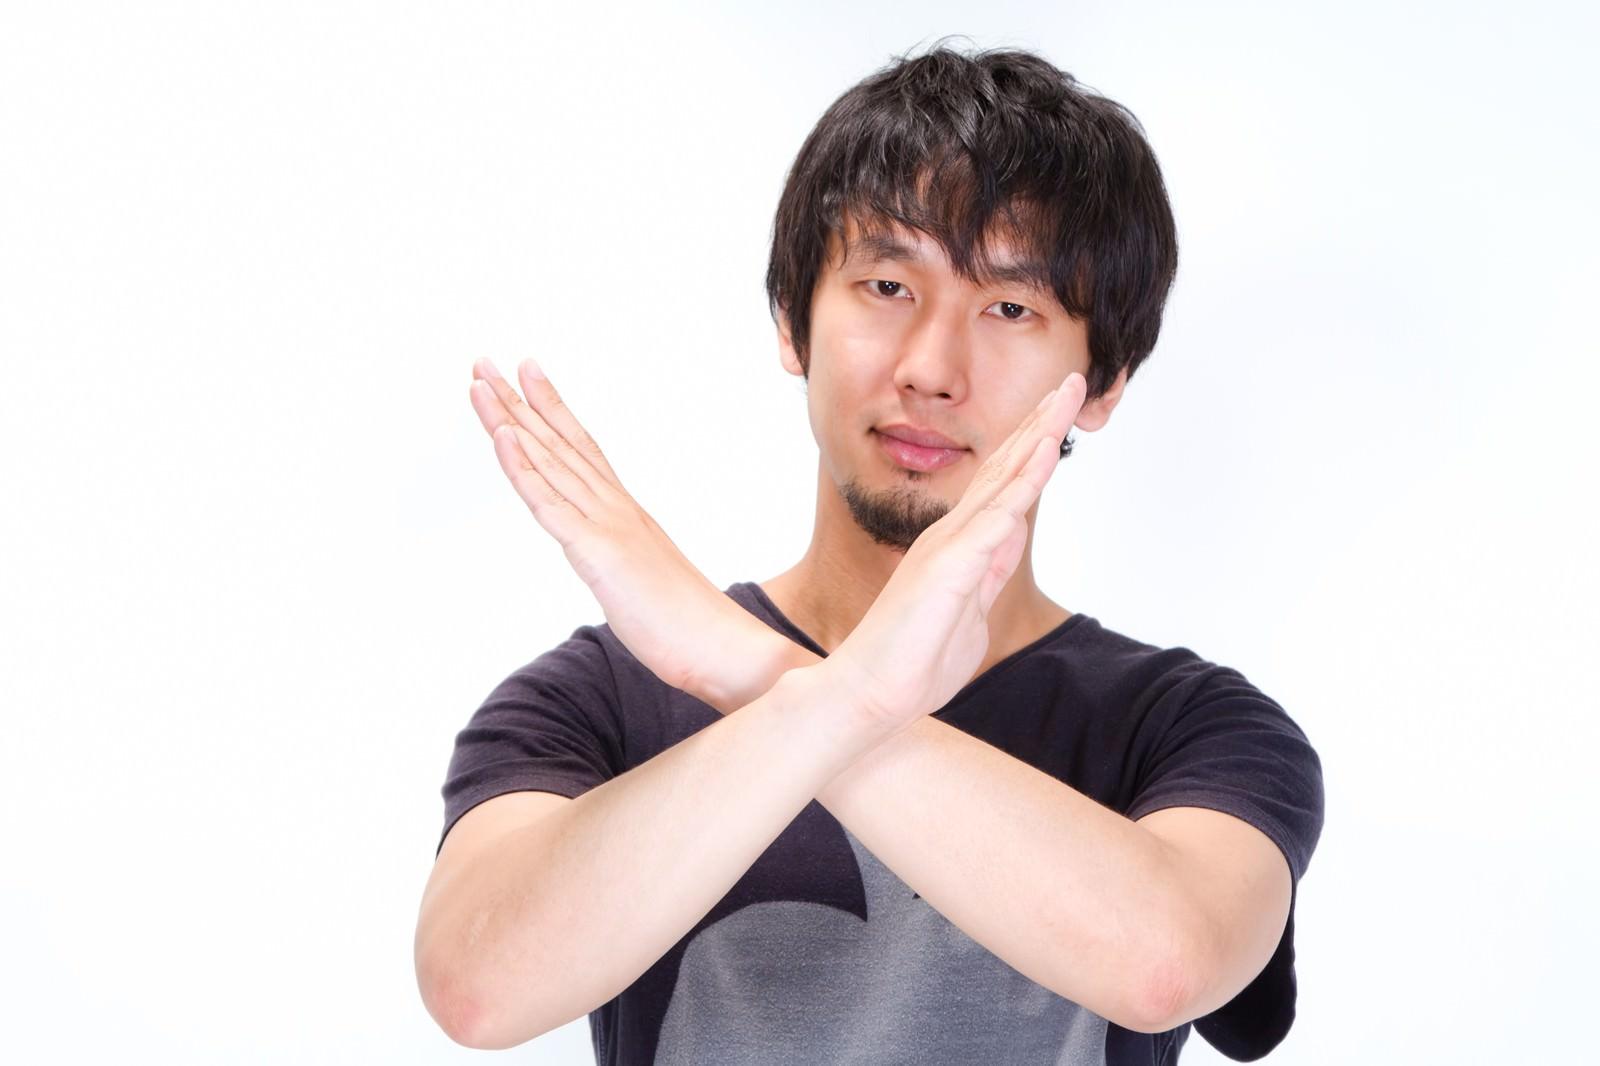 「✖(バツ)マークをする男性✖(バツ)マークをする男性」[モデル:大川竜弥]のフリー写真素材を拡大